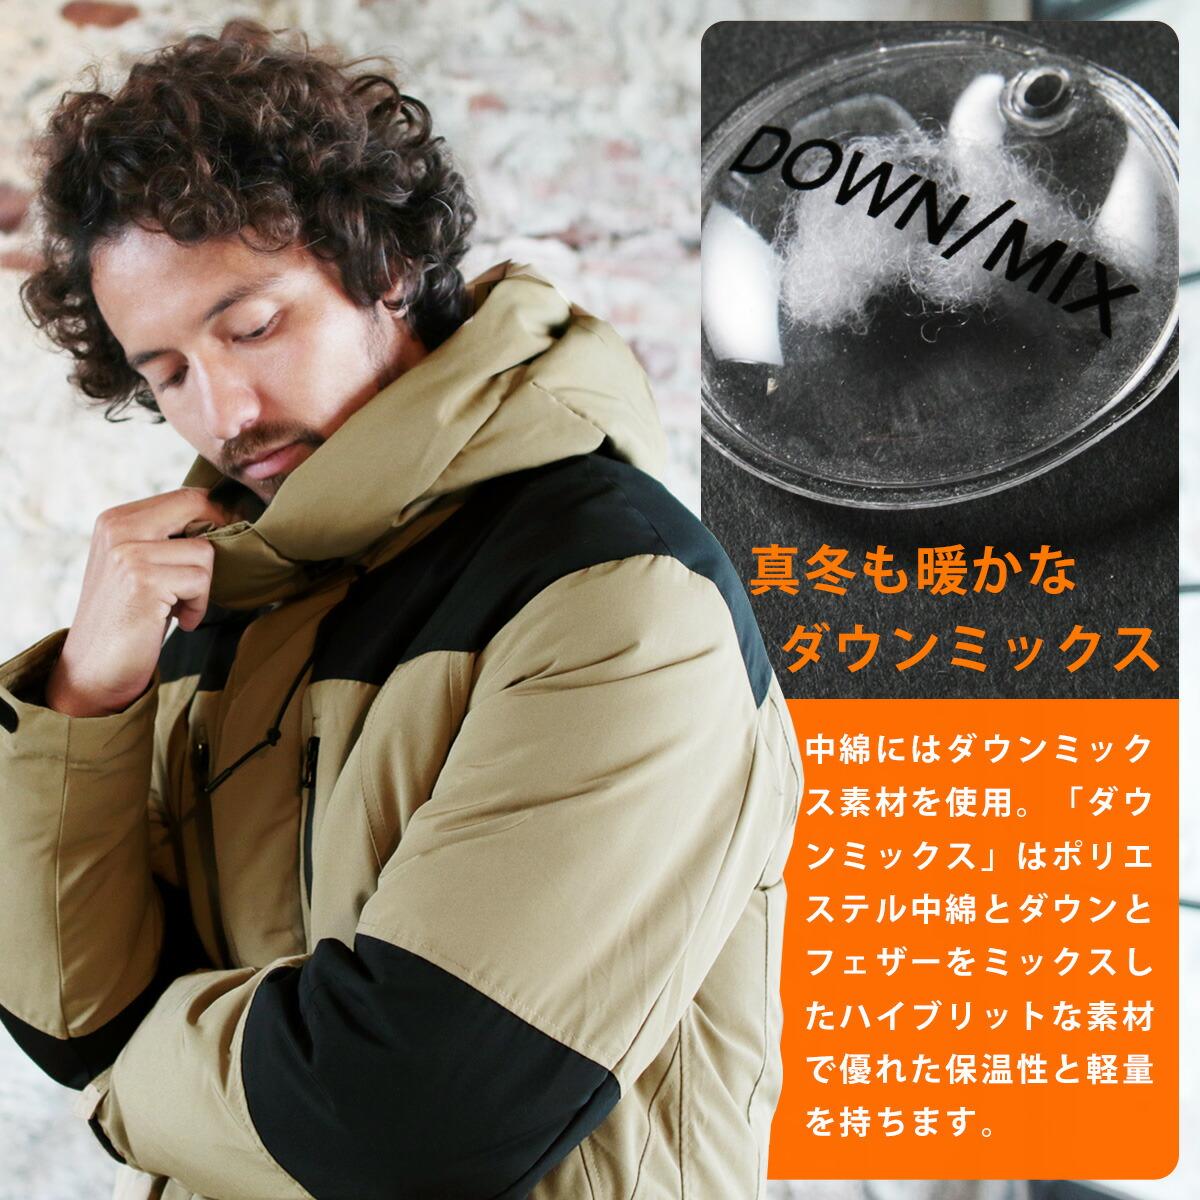 SPU (スプ)ダウンミックスジャケット メンズ マウンテニア